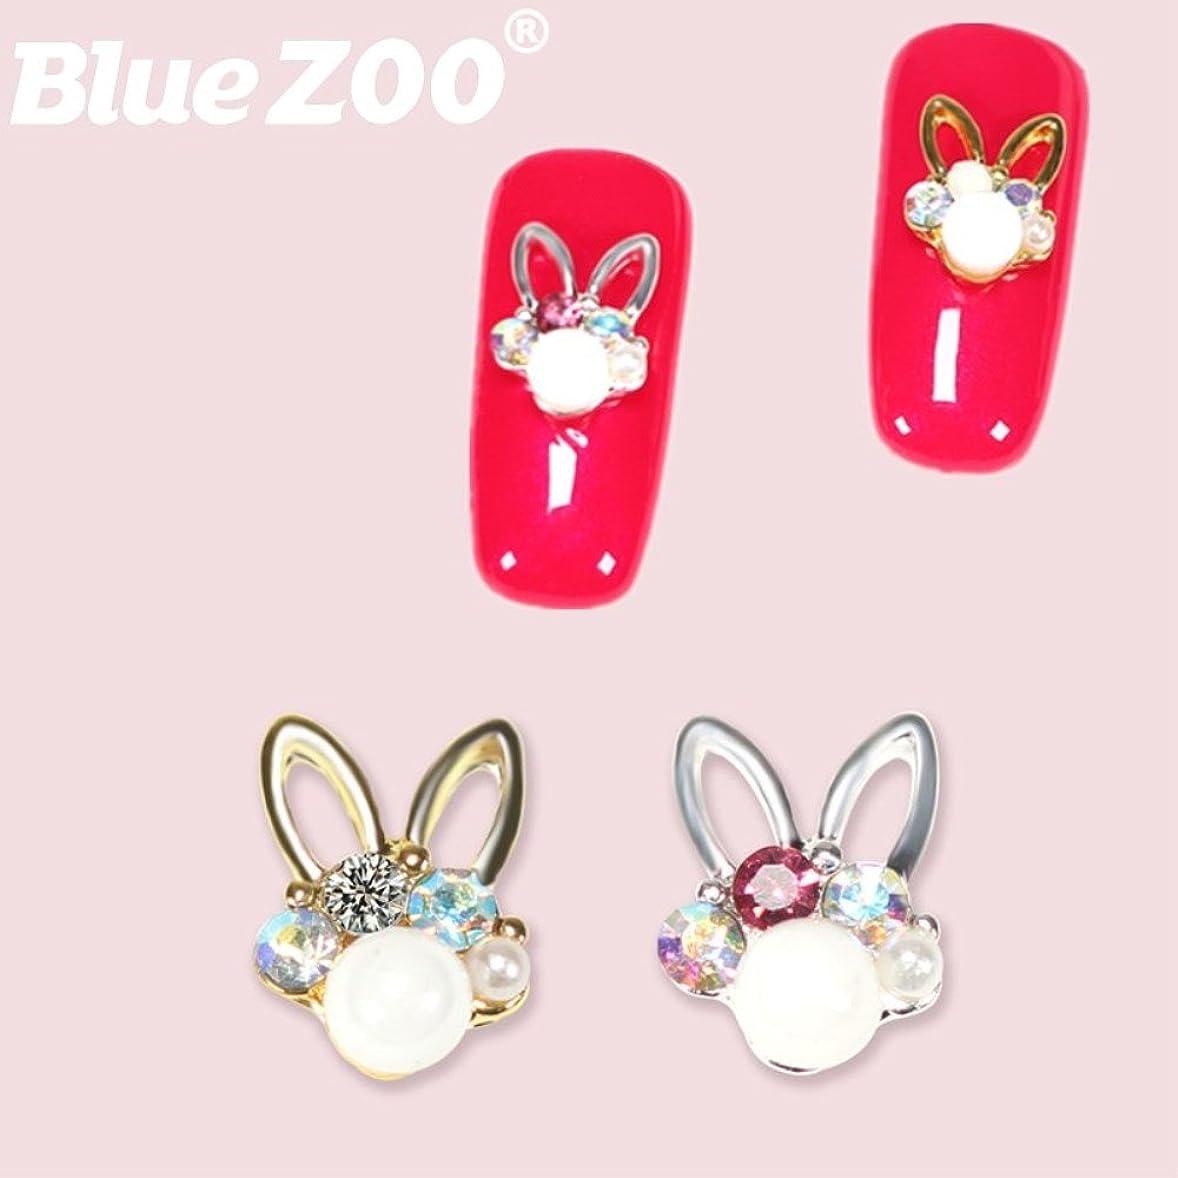 フォアマンマイルストーン話BlueZOO (ブルーズー) キュートラビット シルバー ネイル デコレーション 10個入り 合金ウサギ ラインストーン スタッズ ジェルネイルアートアクセサリー